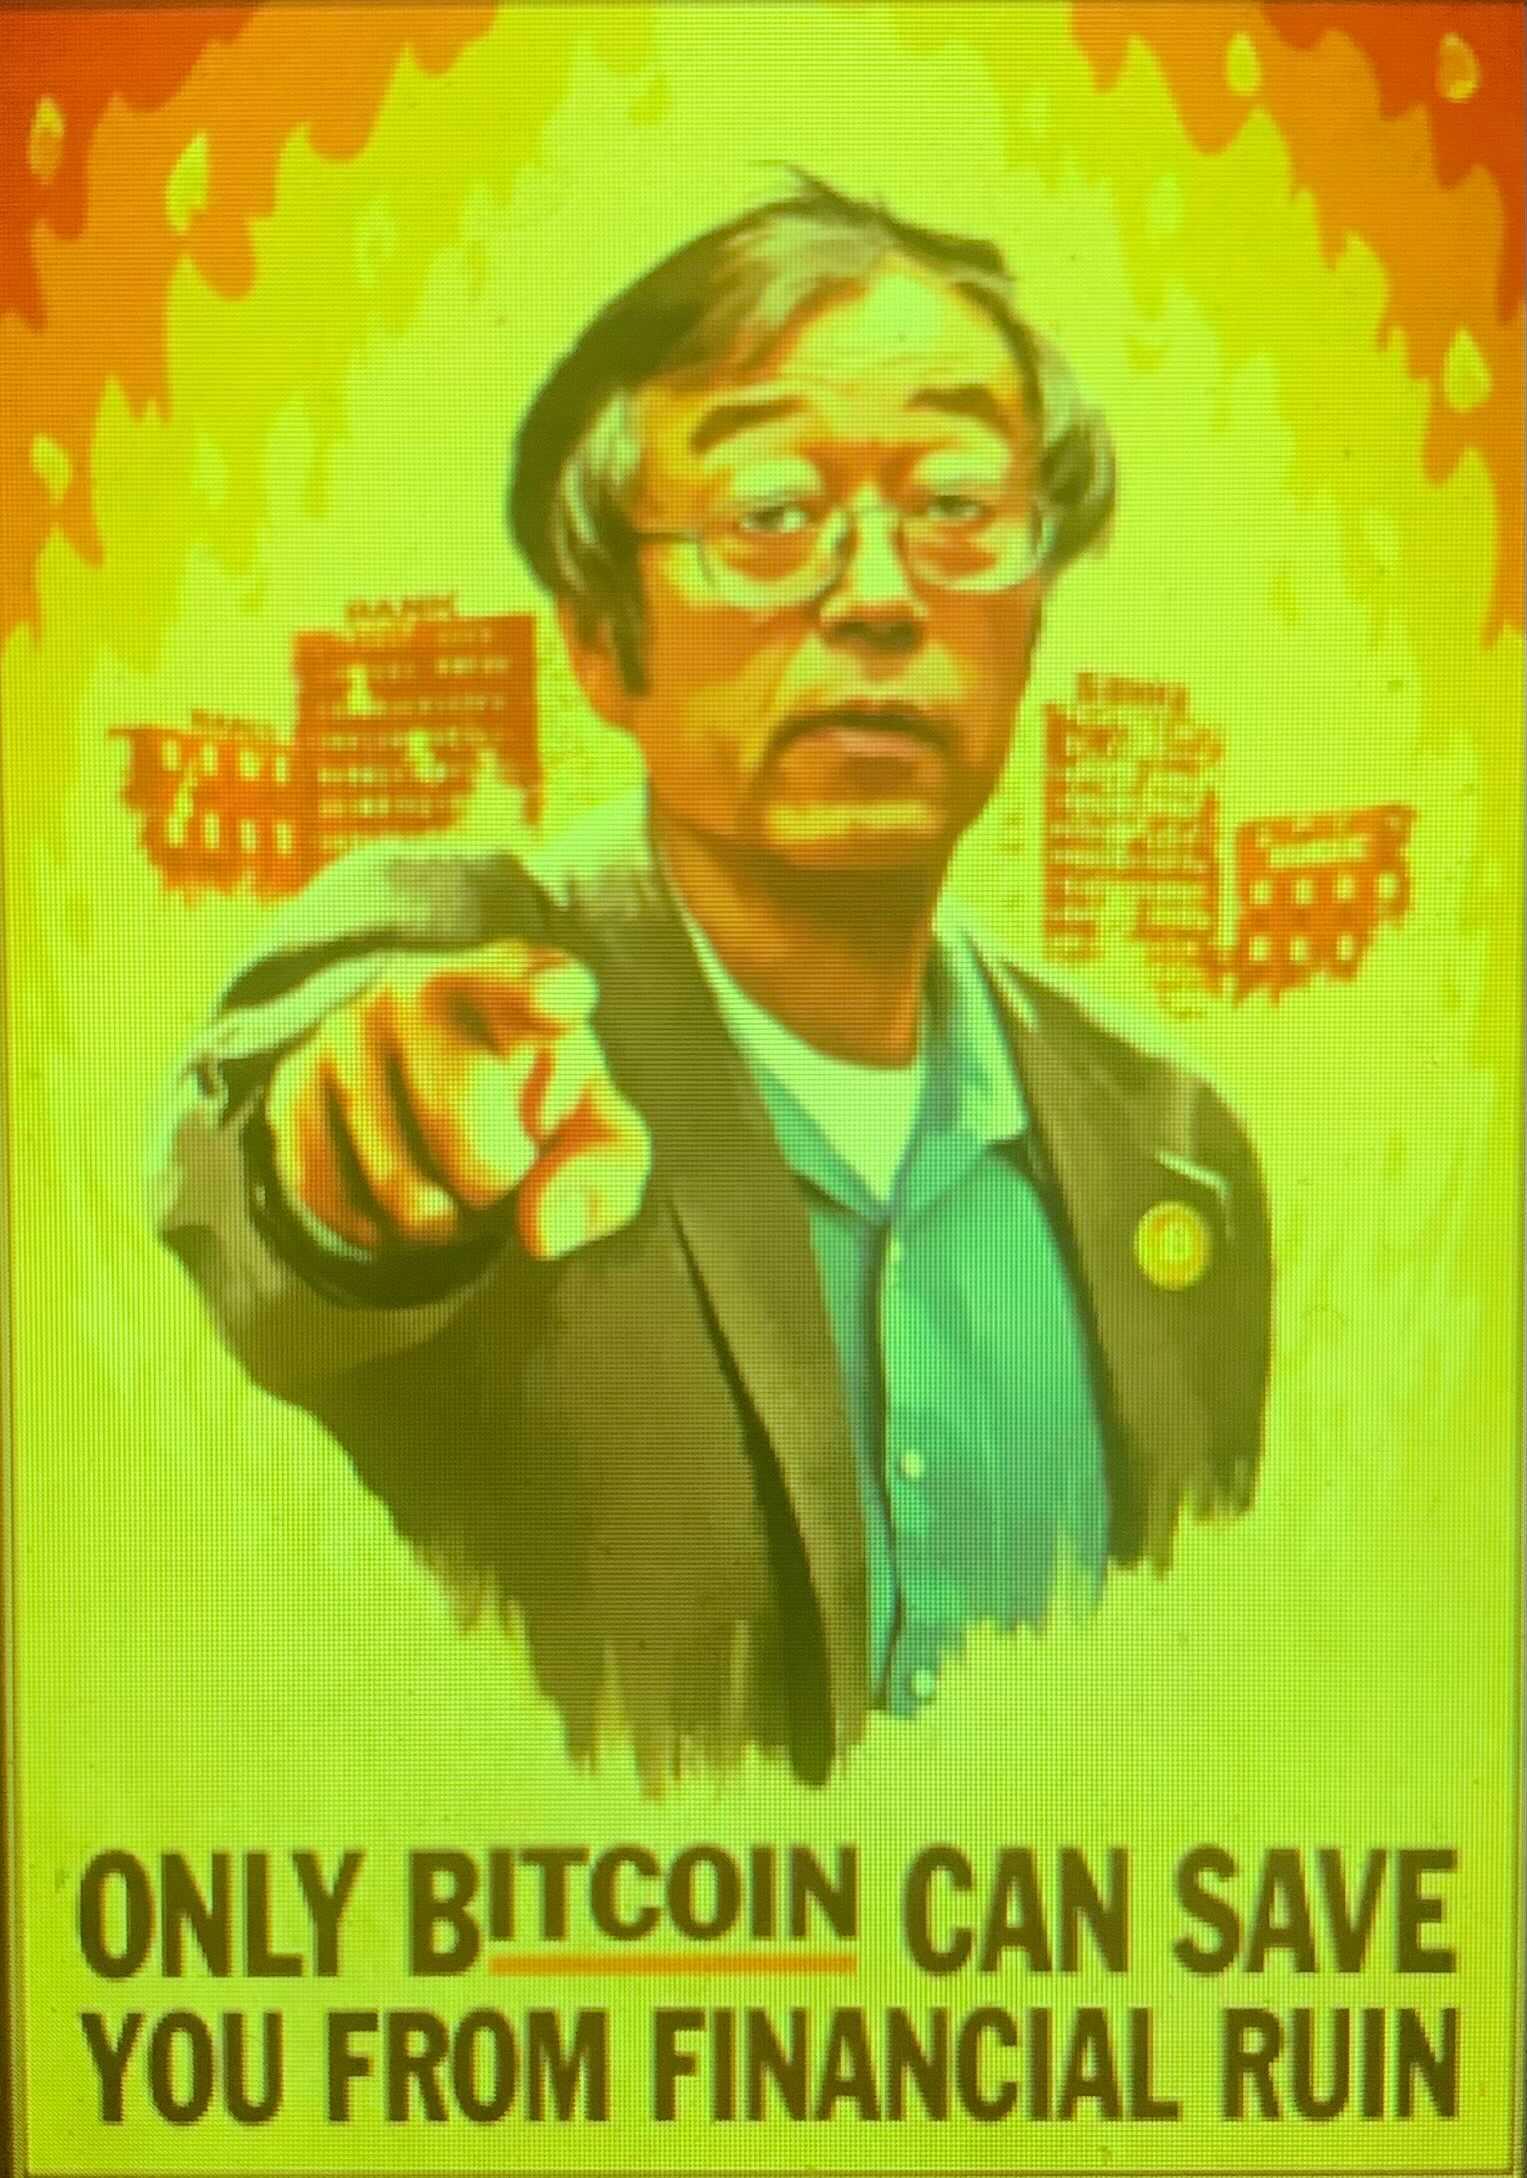 A Satoshi poster